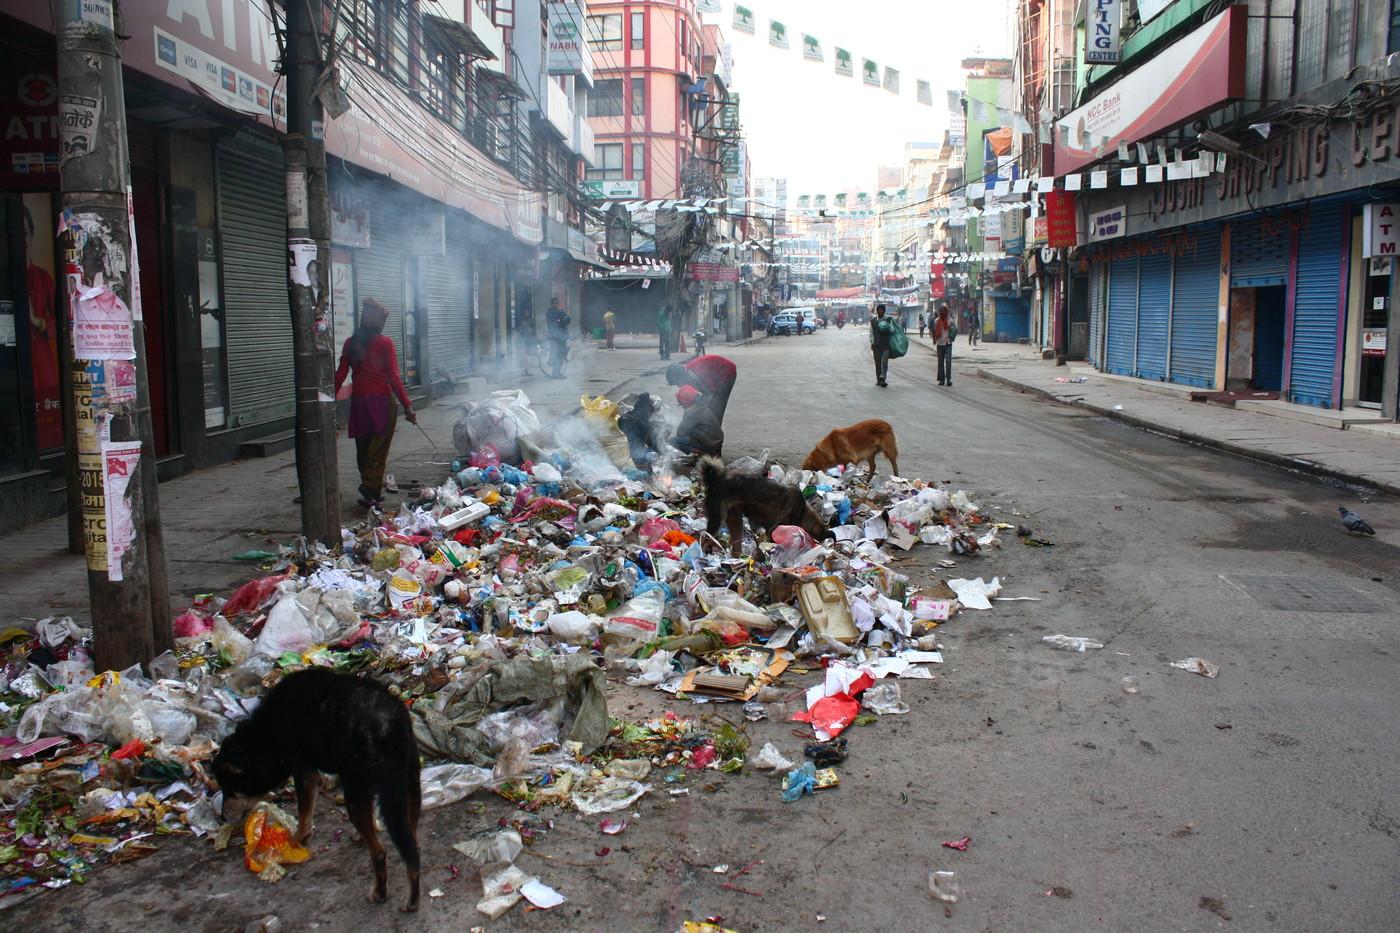 Samaan aikaan Nepalissa – näkökulma ekopaastoon